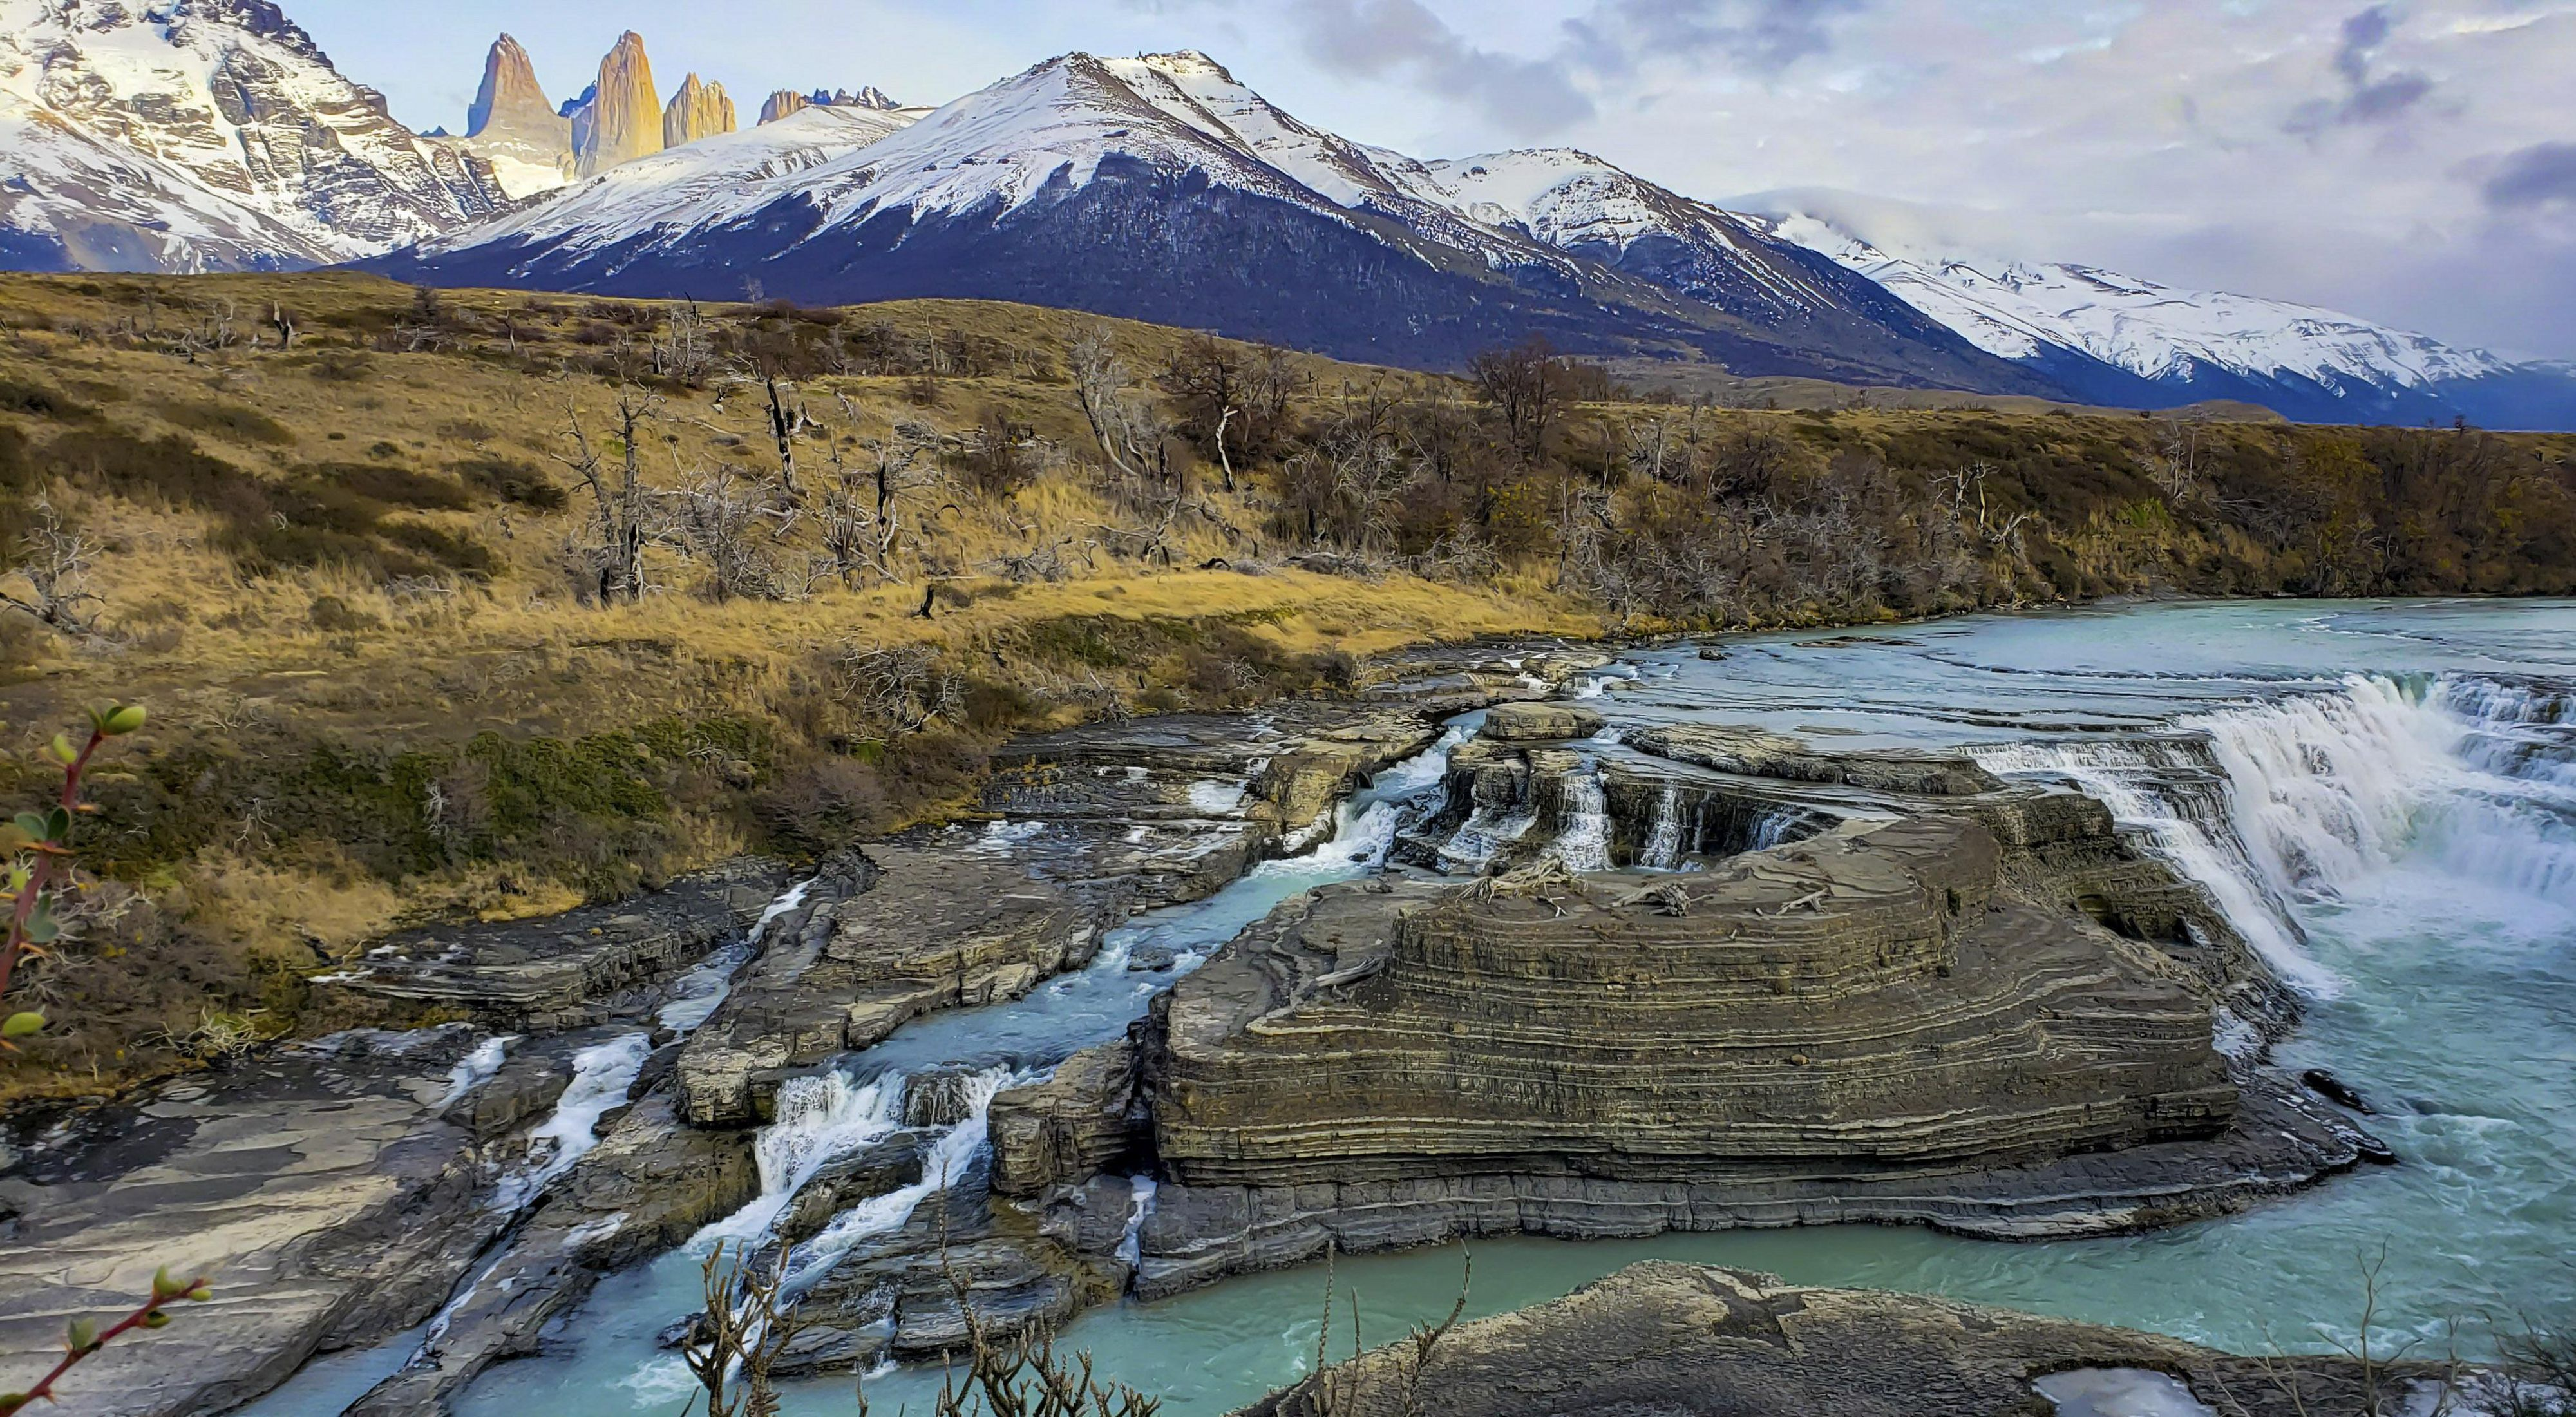 la belleza de la cascada Paine que da lugar al río de aguas verde esmeralda del mismo nombre.región de Magallanes - Patagonia chilena.